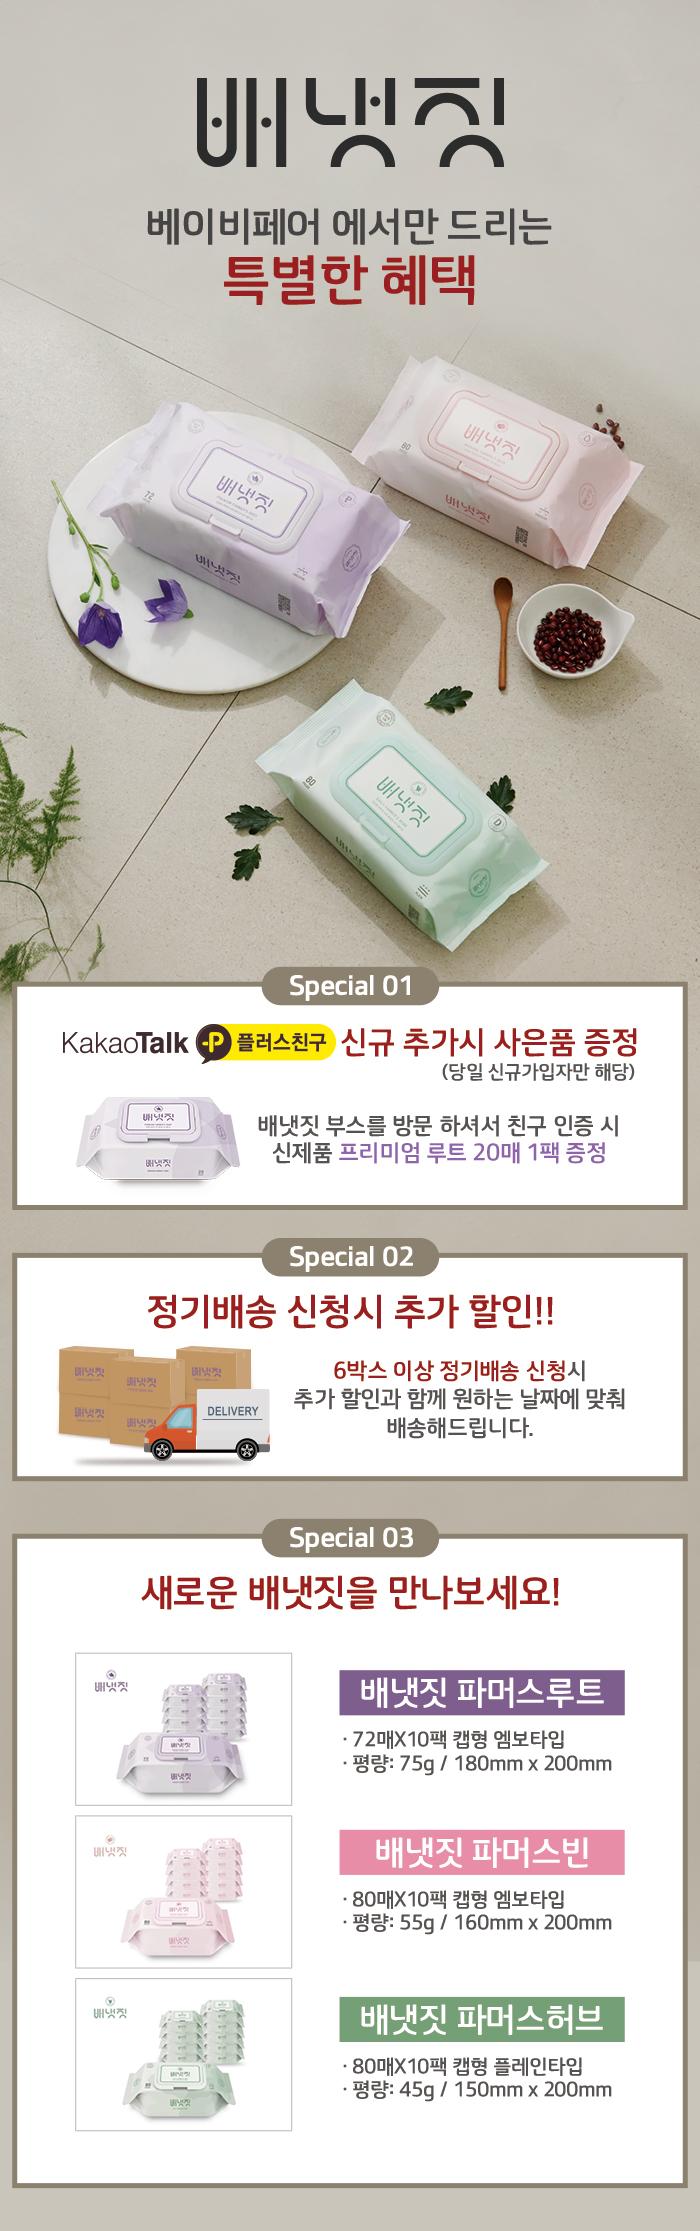 현장 방문 후 카카오톡 친구 신규 추가시 휴대용물티슈 1팩 증정이벤트!